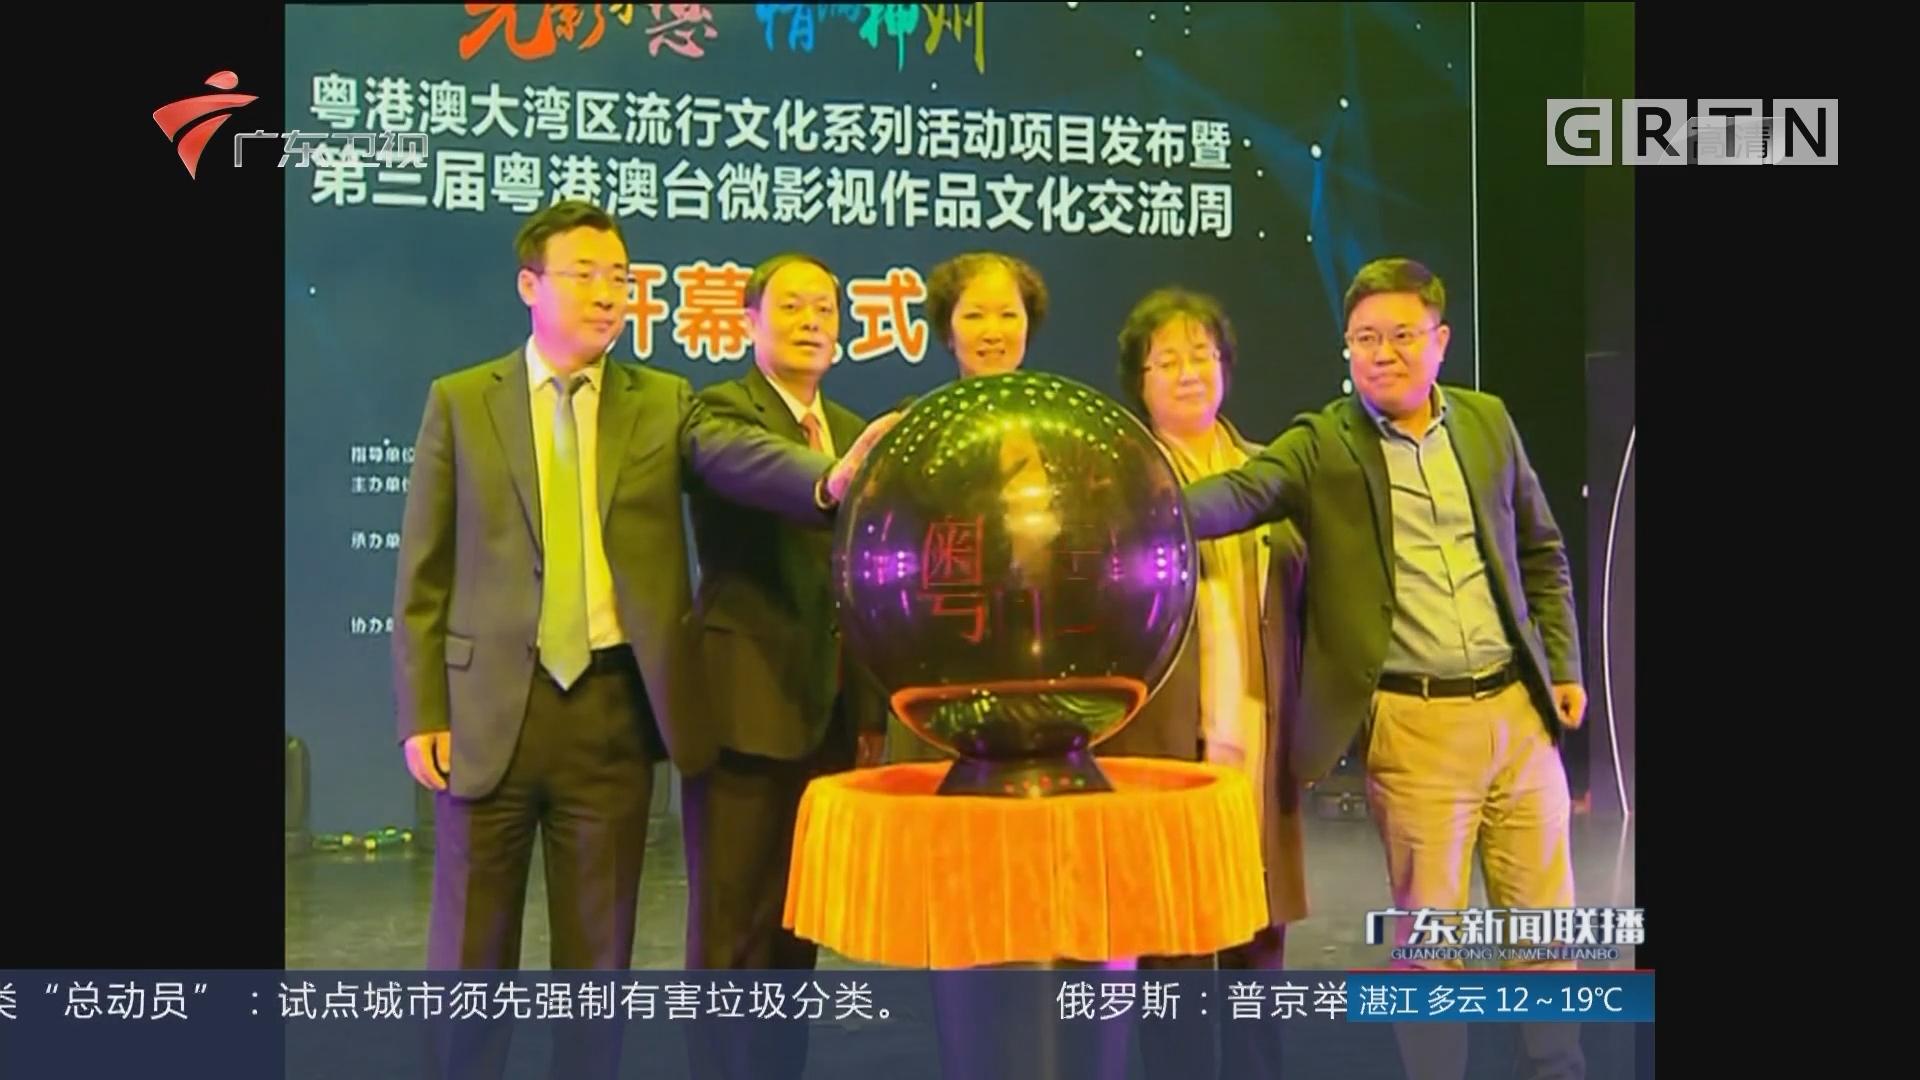 粤港澳大湾区流行文化系列活动在惠州举行